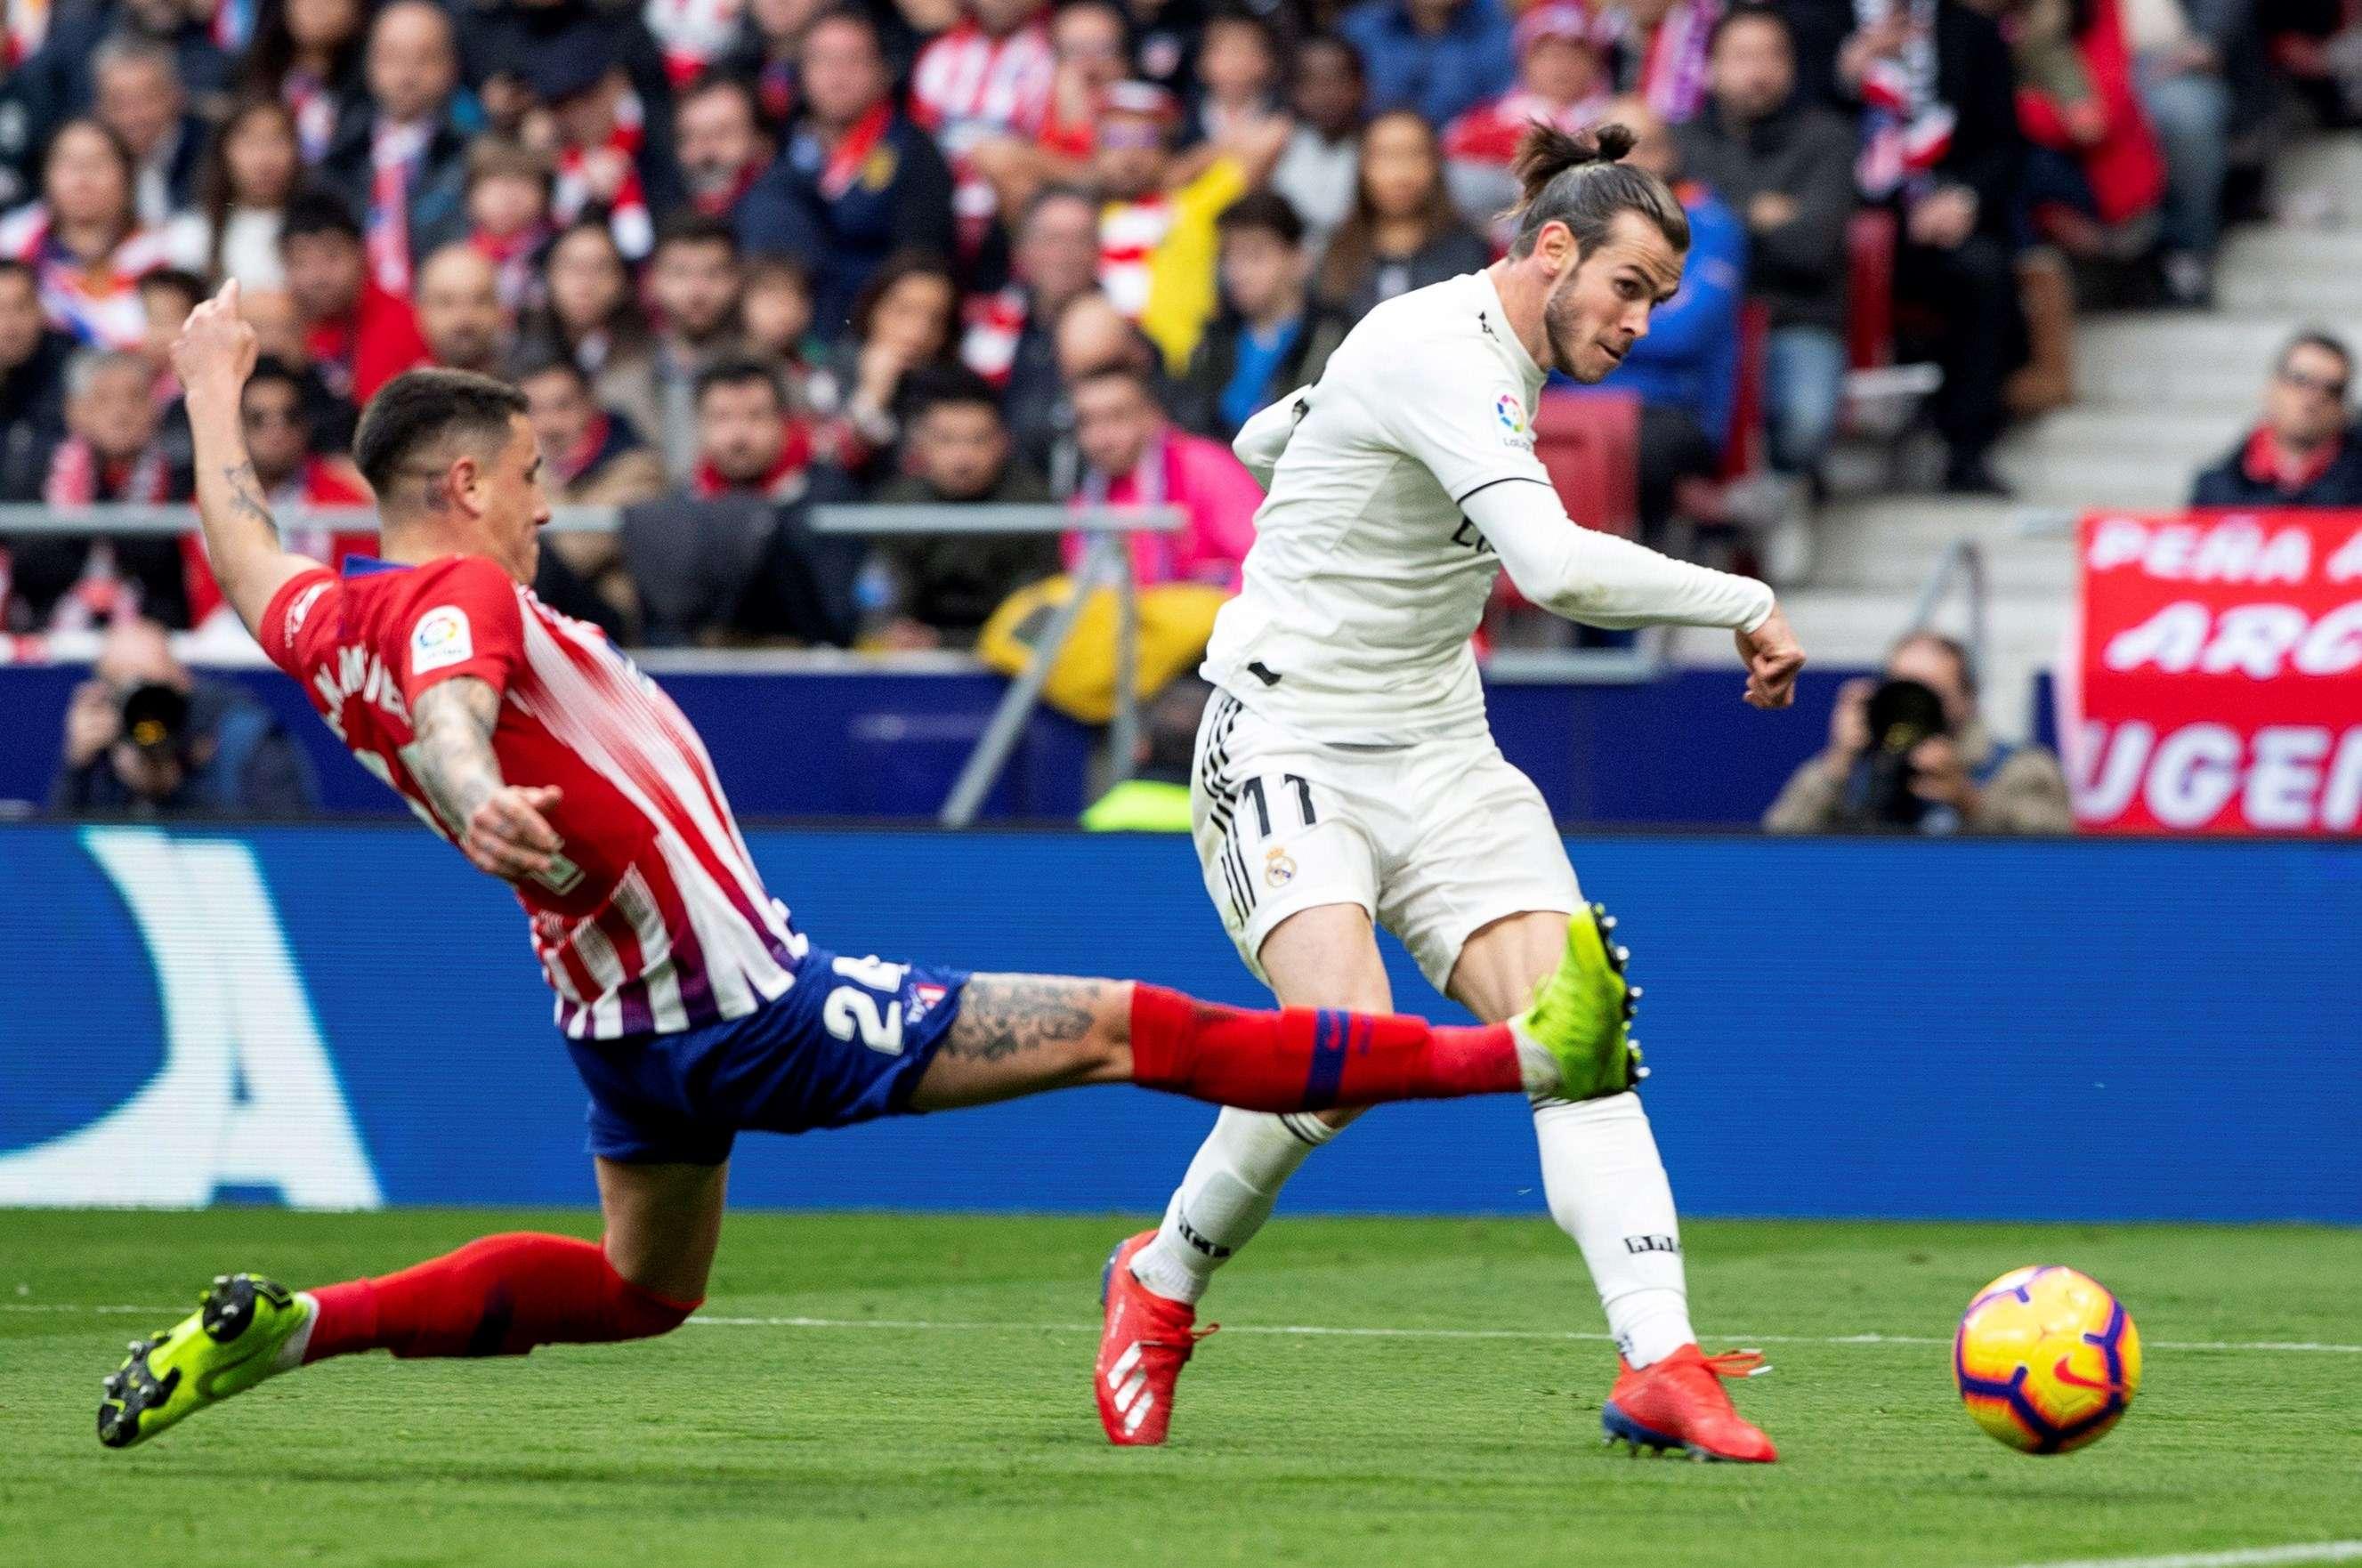 El delantero galés del Real Madrid Gareth Bale (d) y el defensa uruguayo del Atlético de Madrid José María Giménez durante el partido de la vigésimo tercera jornada de Liga que disputaron en el estadio Wanda Metropolitano de Madrid. EFE